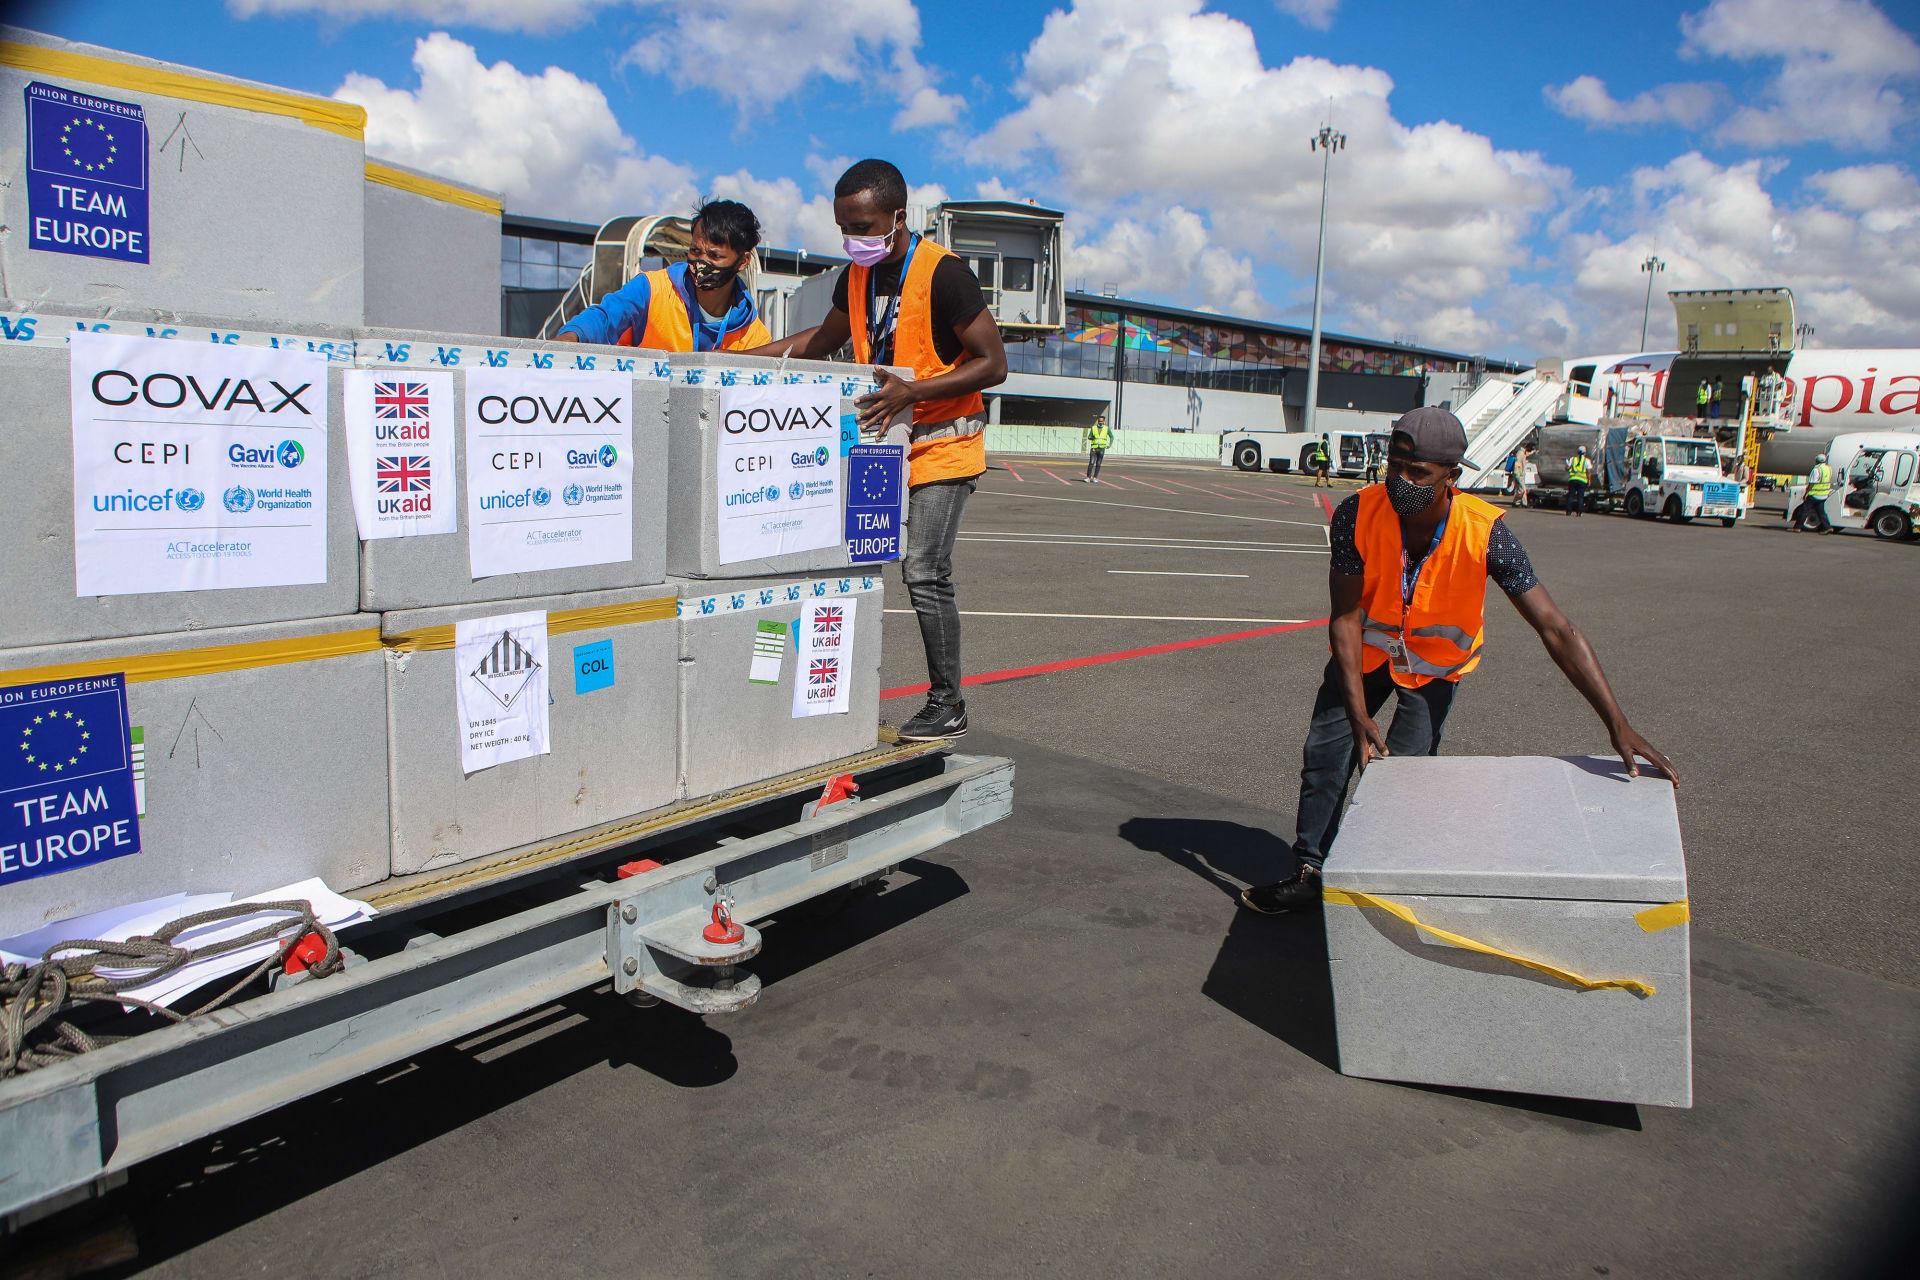 شحنات من لقاح كورونا تصل مدغشقر ضمن مبادرة كوفاكس